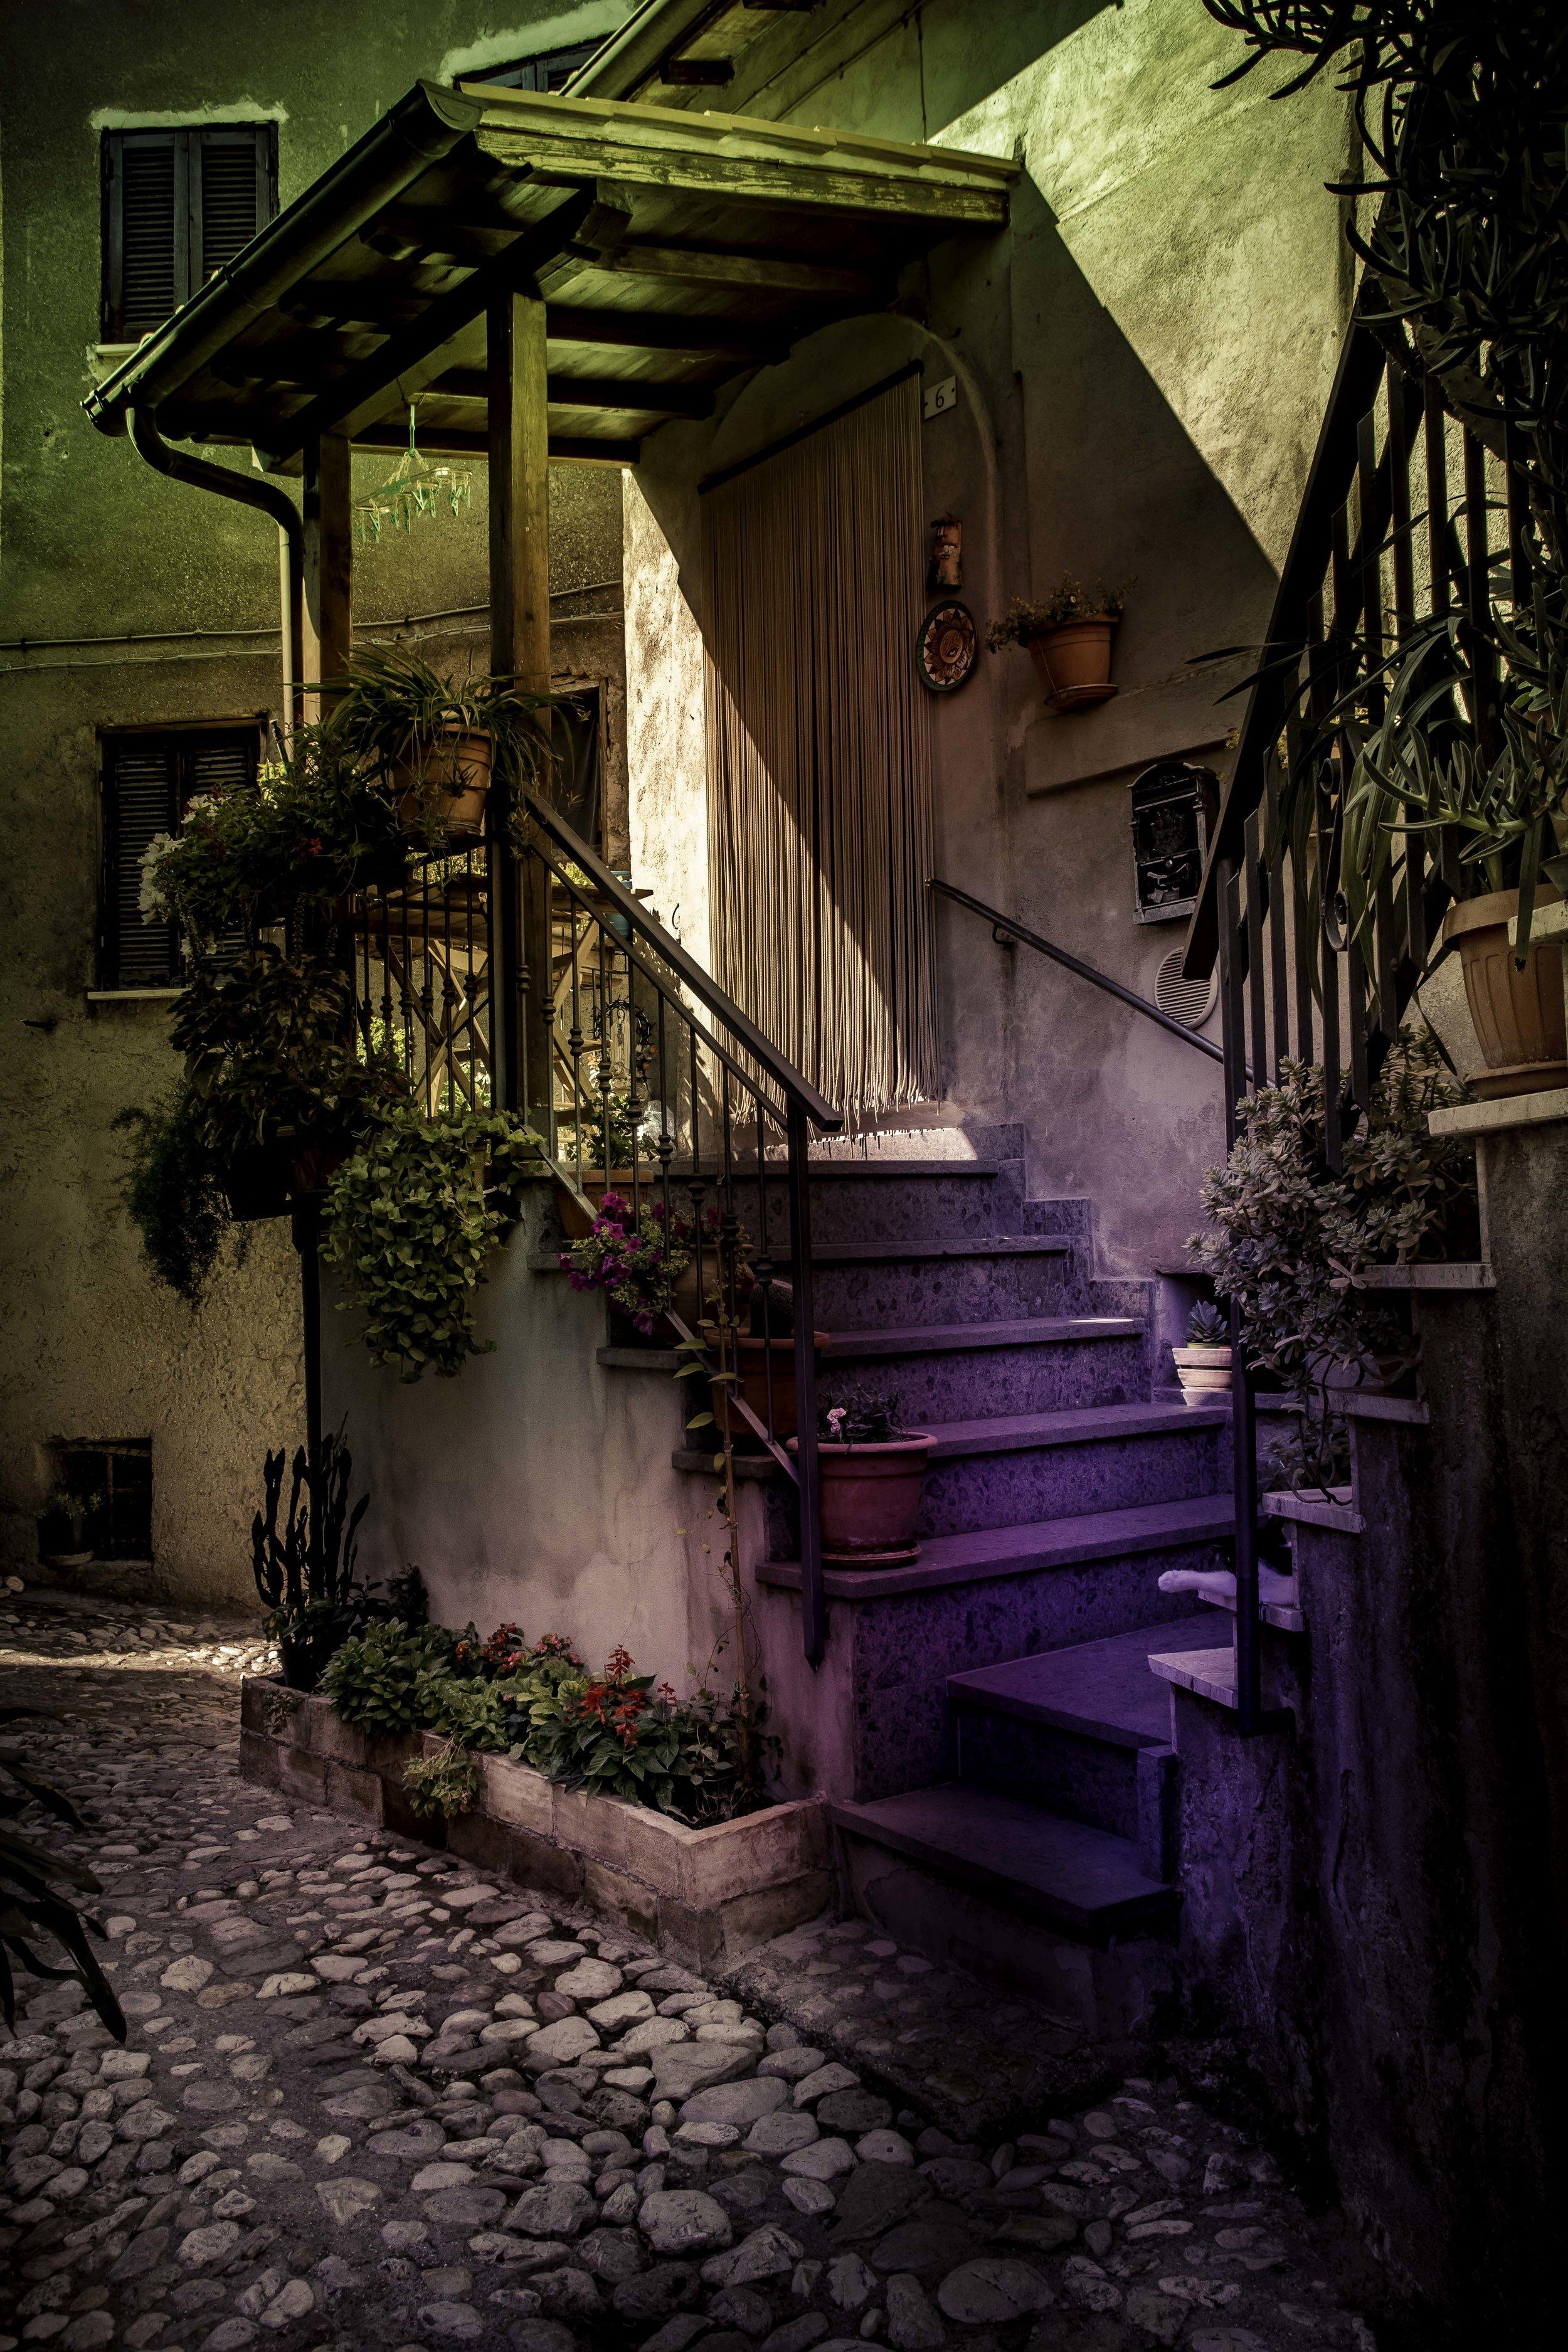 viewfinder-straatfotografie-voordeuren-schilderen-met-kleuren-5.jpg